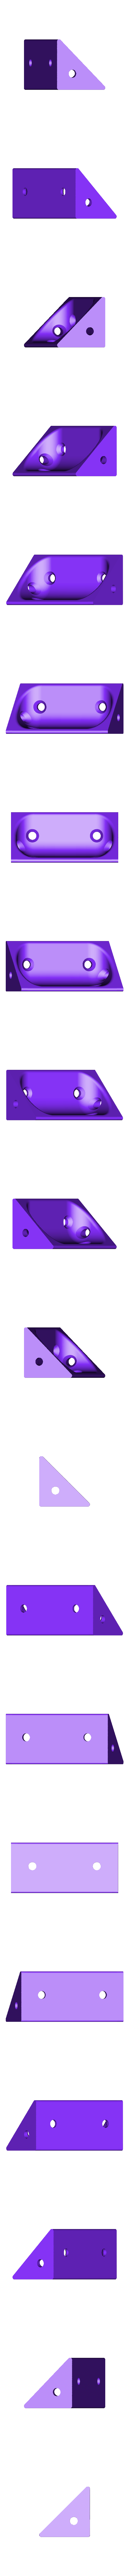 Furniture_corner_bracket_v1.stl Télécharger fichier STL gratuit Support d'angle de meuble optimisé FDM • Plan imprimable en 3D, 3D-Designs